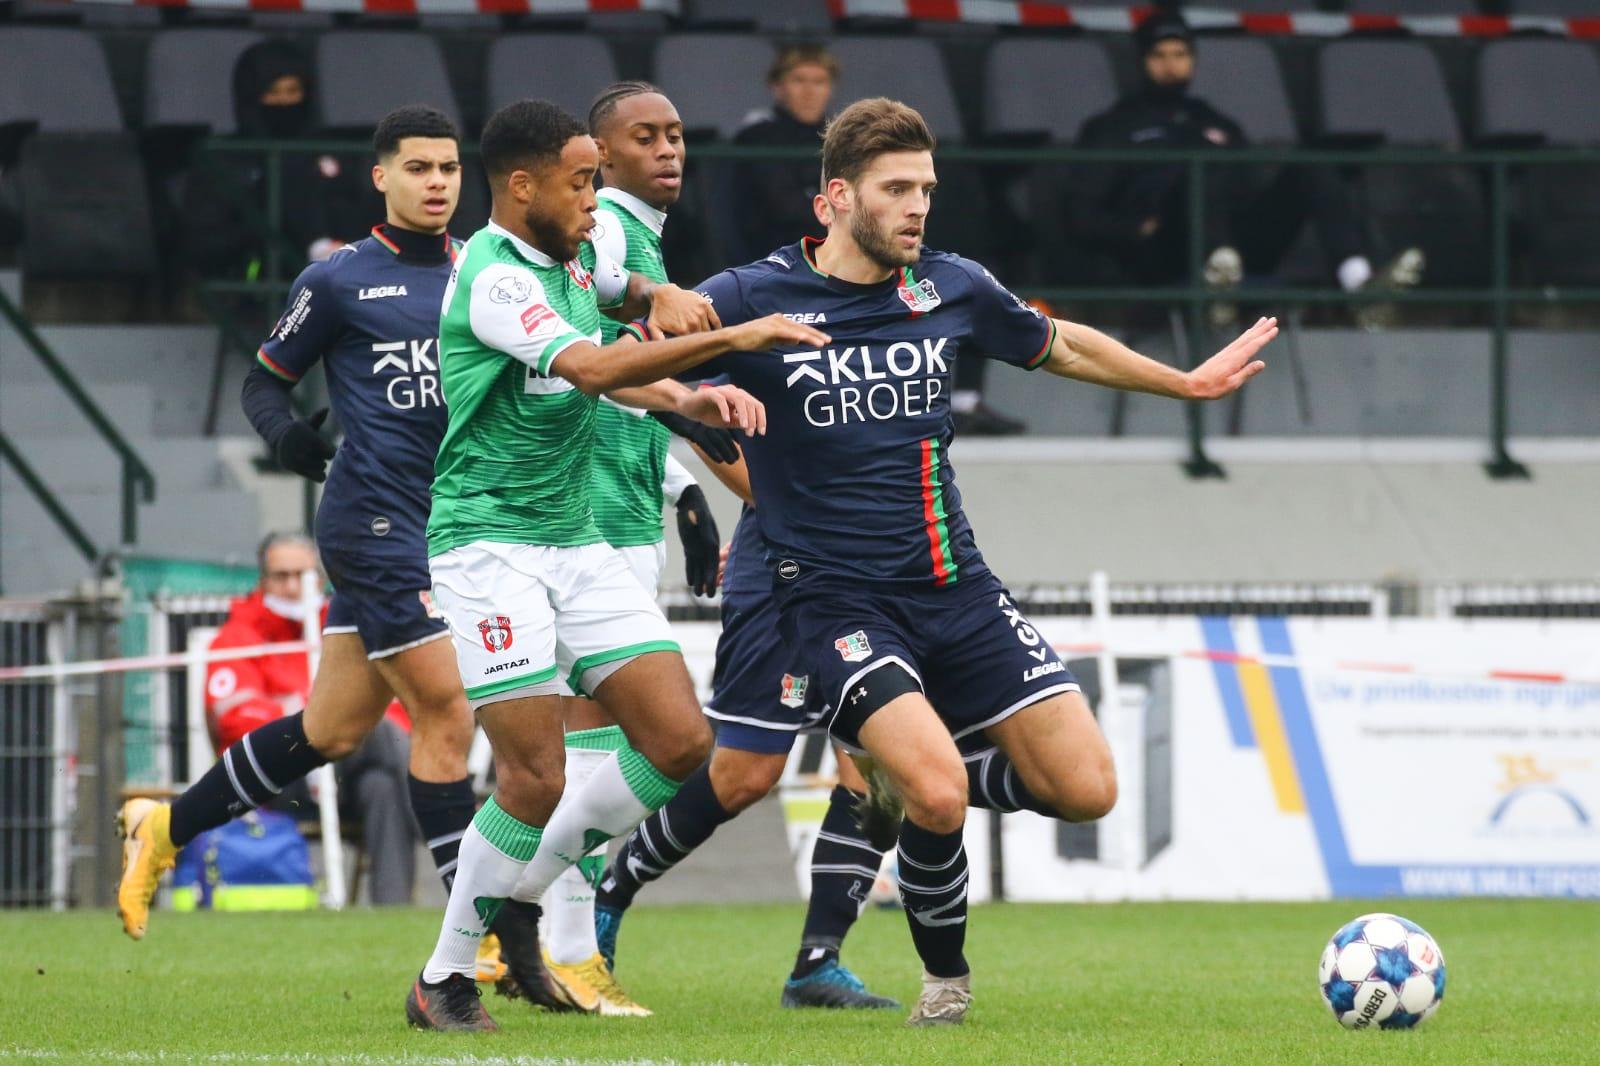 Laatste speelronde vervroegd: NEC-Dordrecht op woensdag